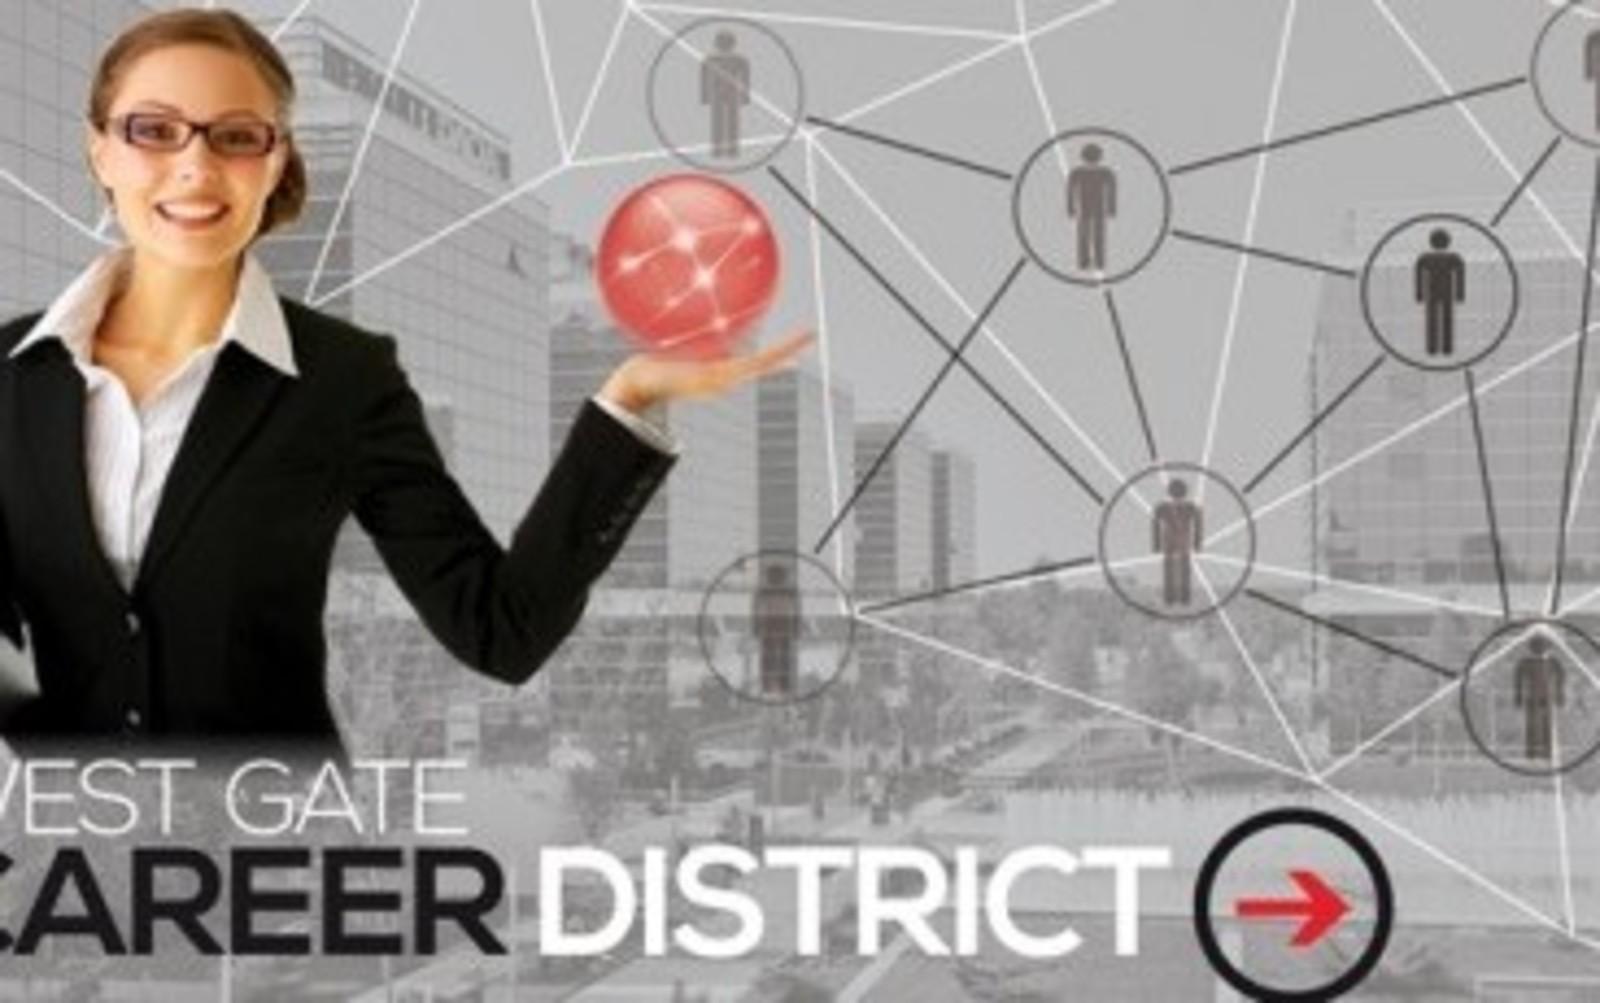 West Gate Career District website (1)